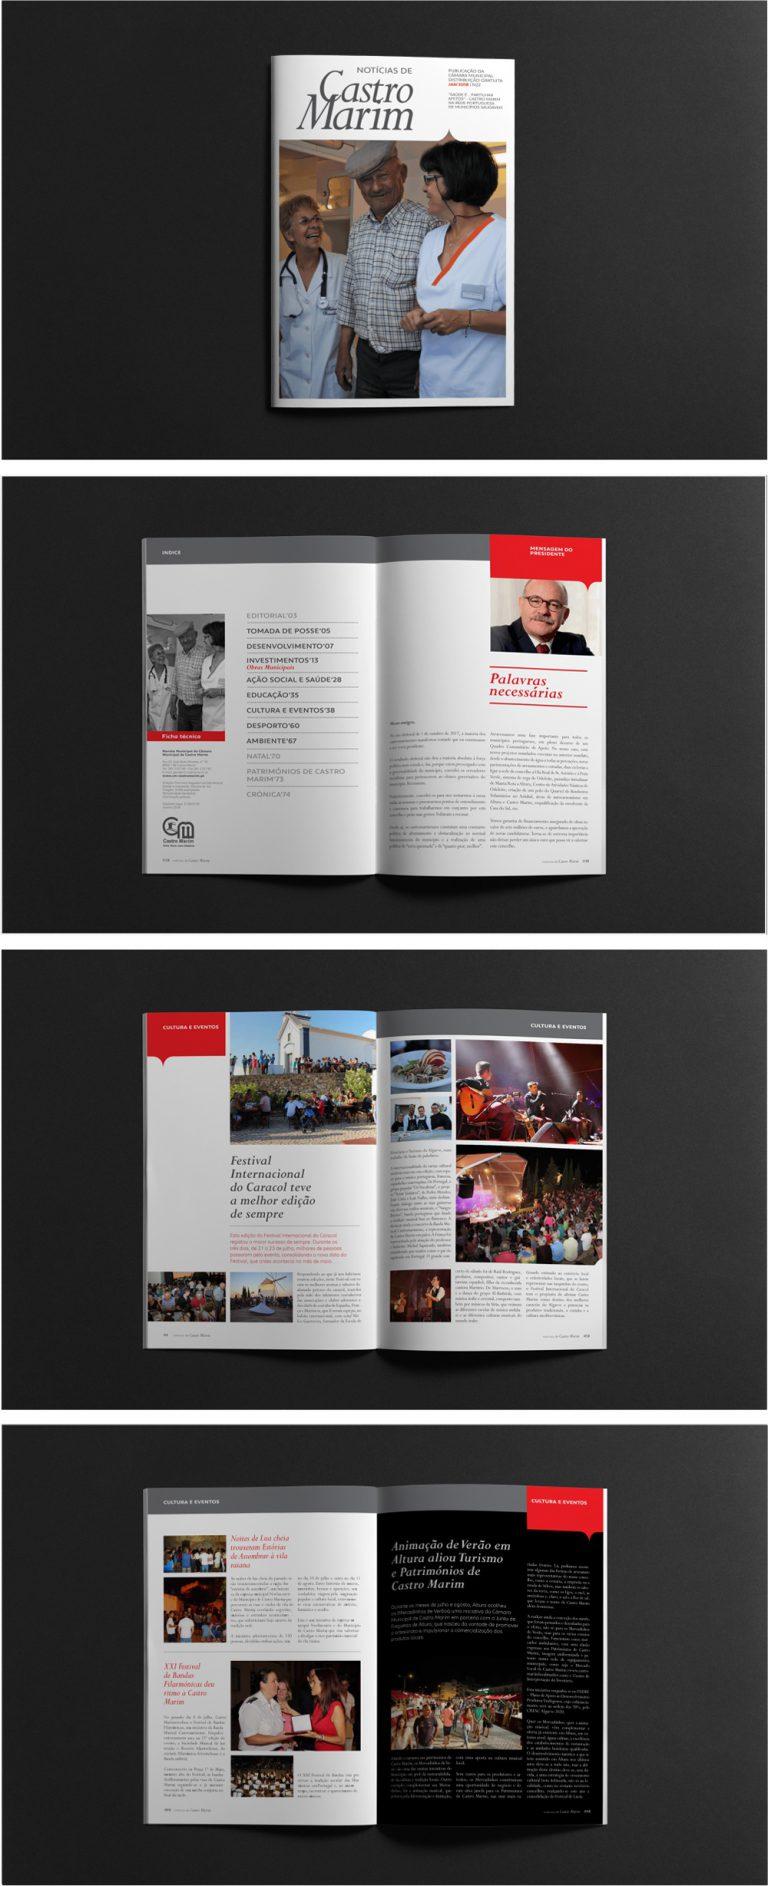 Design exterior e interior da revista da Câmara Municipal de Castro Marim